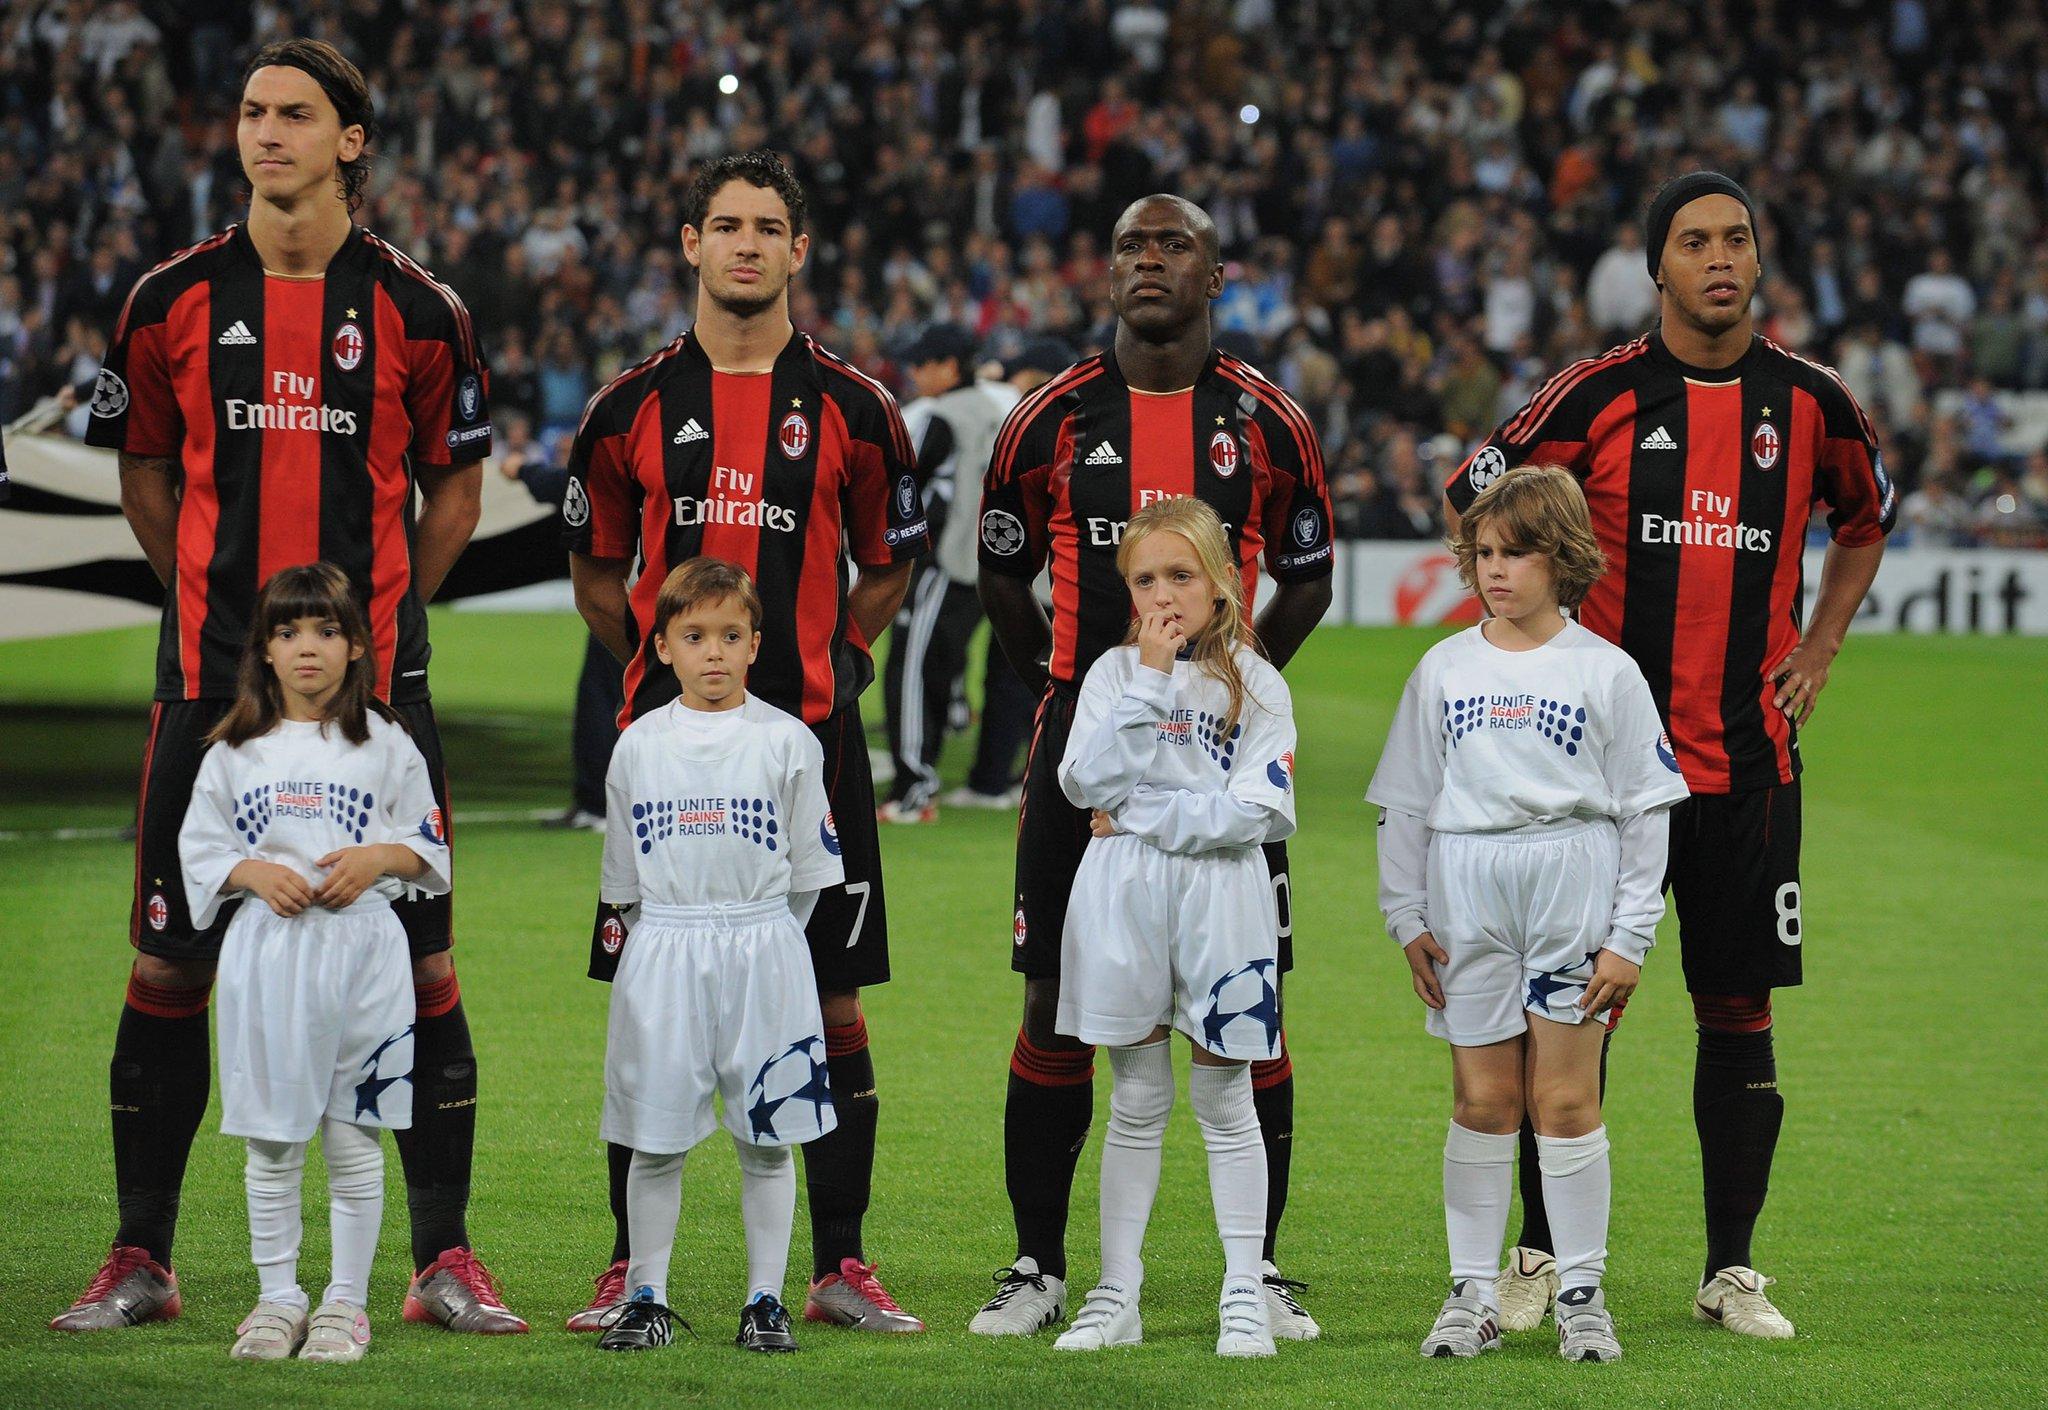 Ac milan players photos AC Milan players Pictures, Photos Images - Zimbio